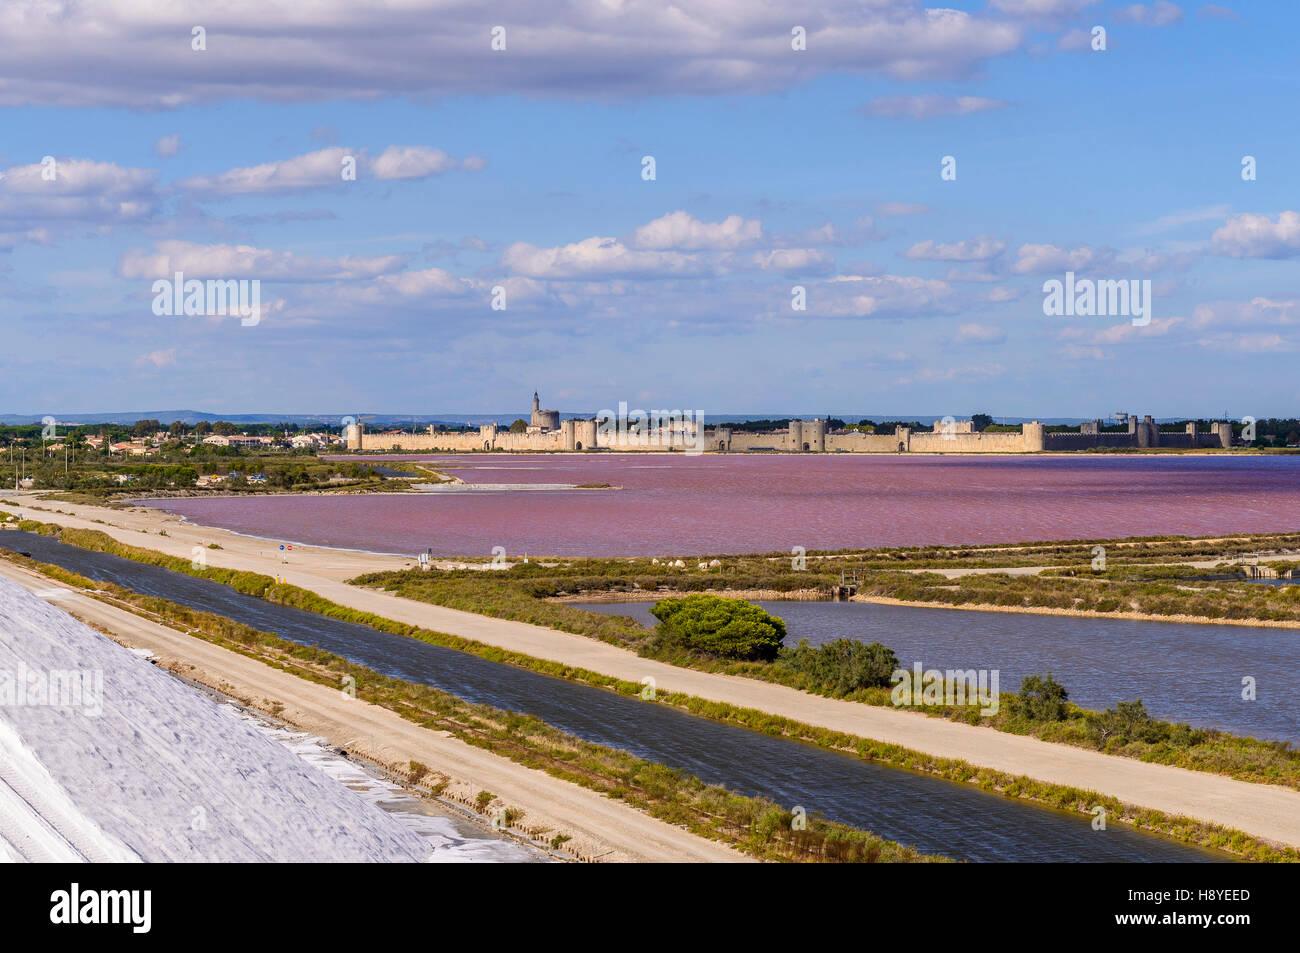 Les Remparts côté Sud vue des Salins du Midi Aigues-Mortes,Camargue - FRANCE - Stock Image